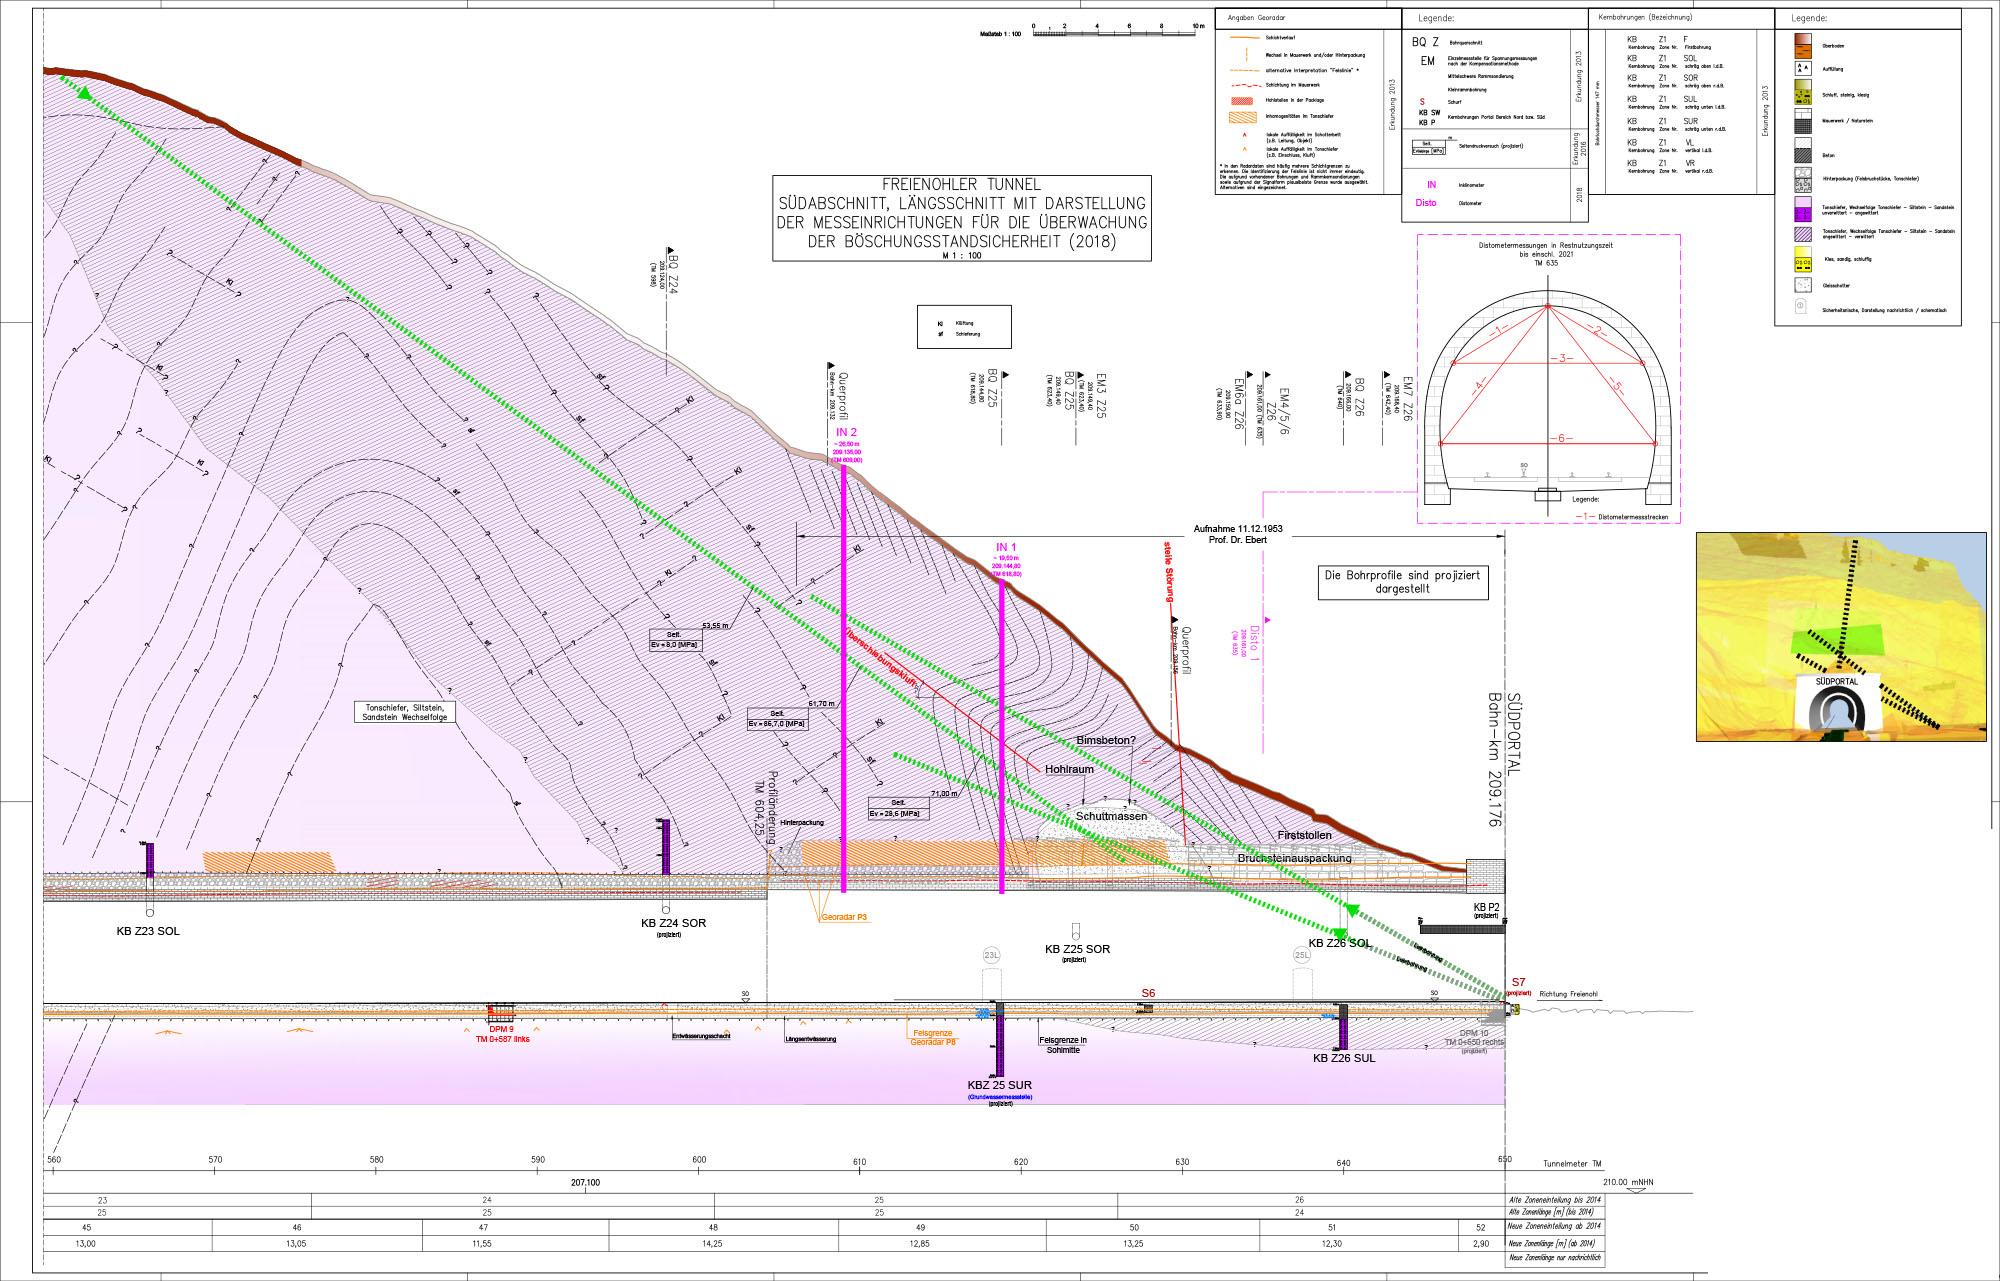 plan-freienohler-tunnel-im-sauerland